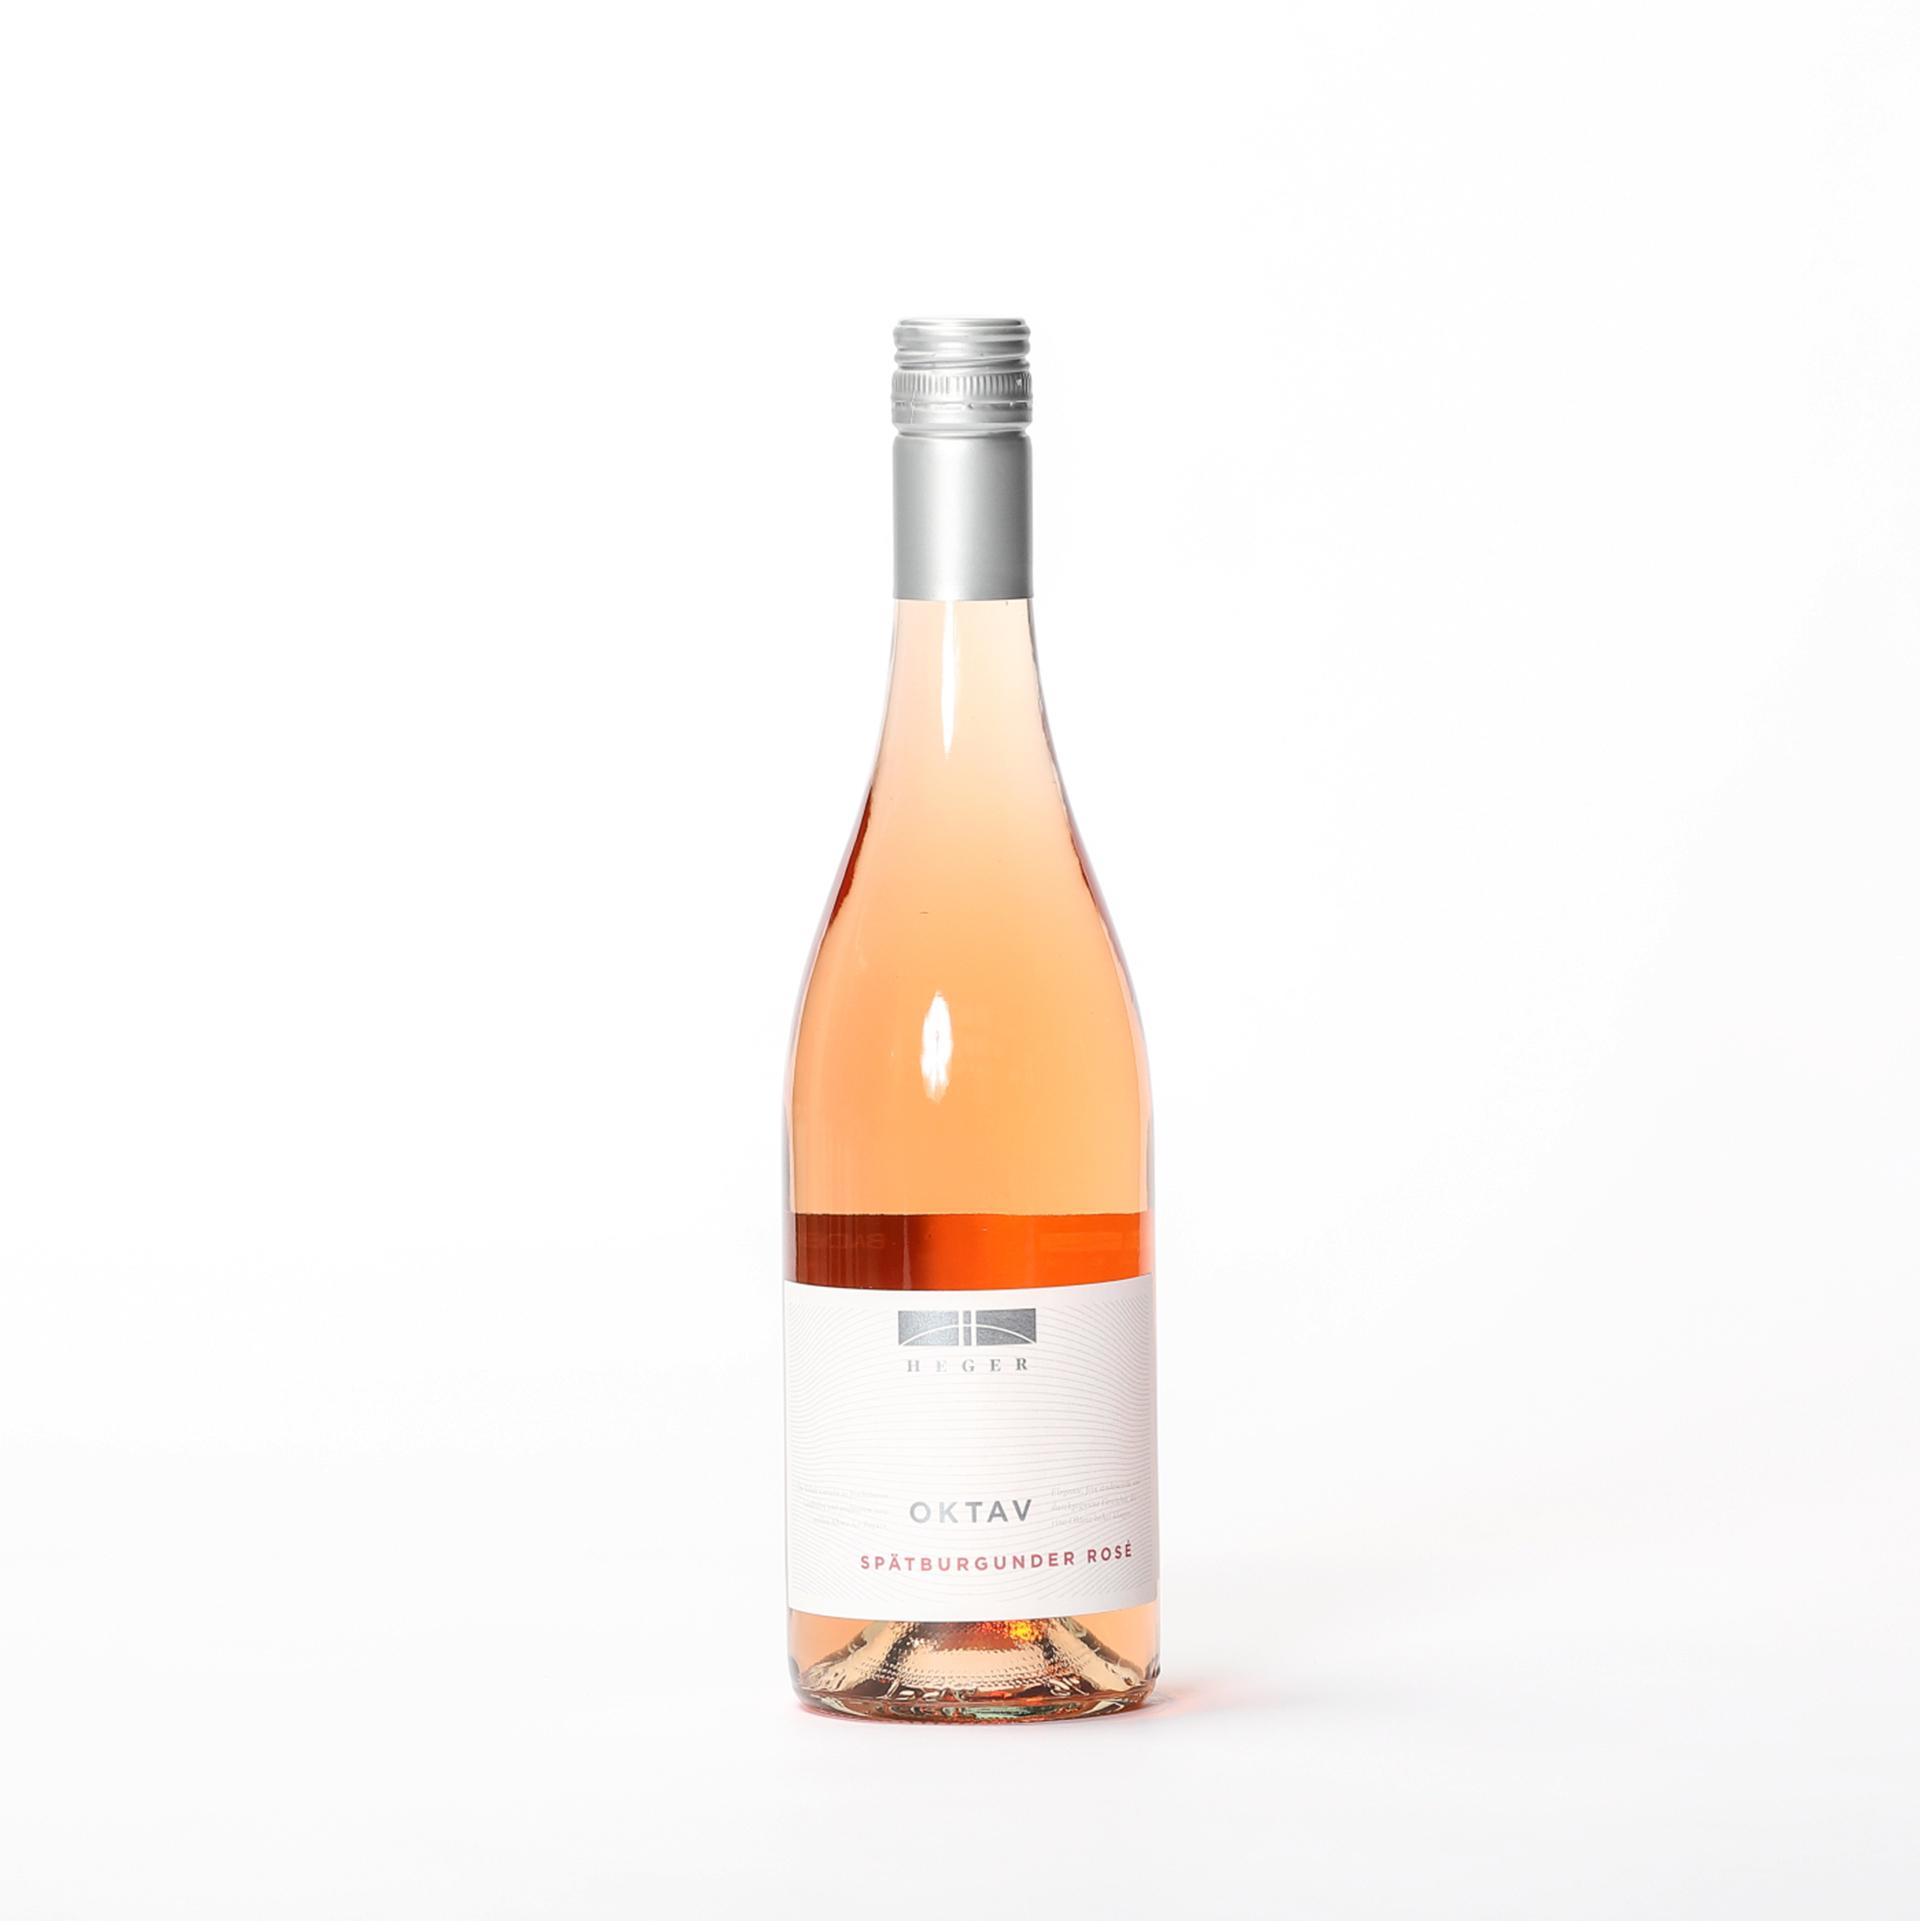 Oktav Spätburgunder Rosé 2019 - Weinhaus Heger